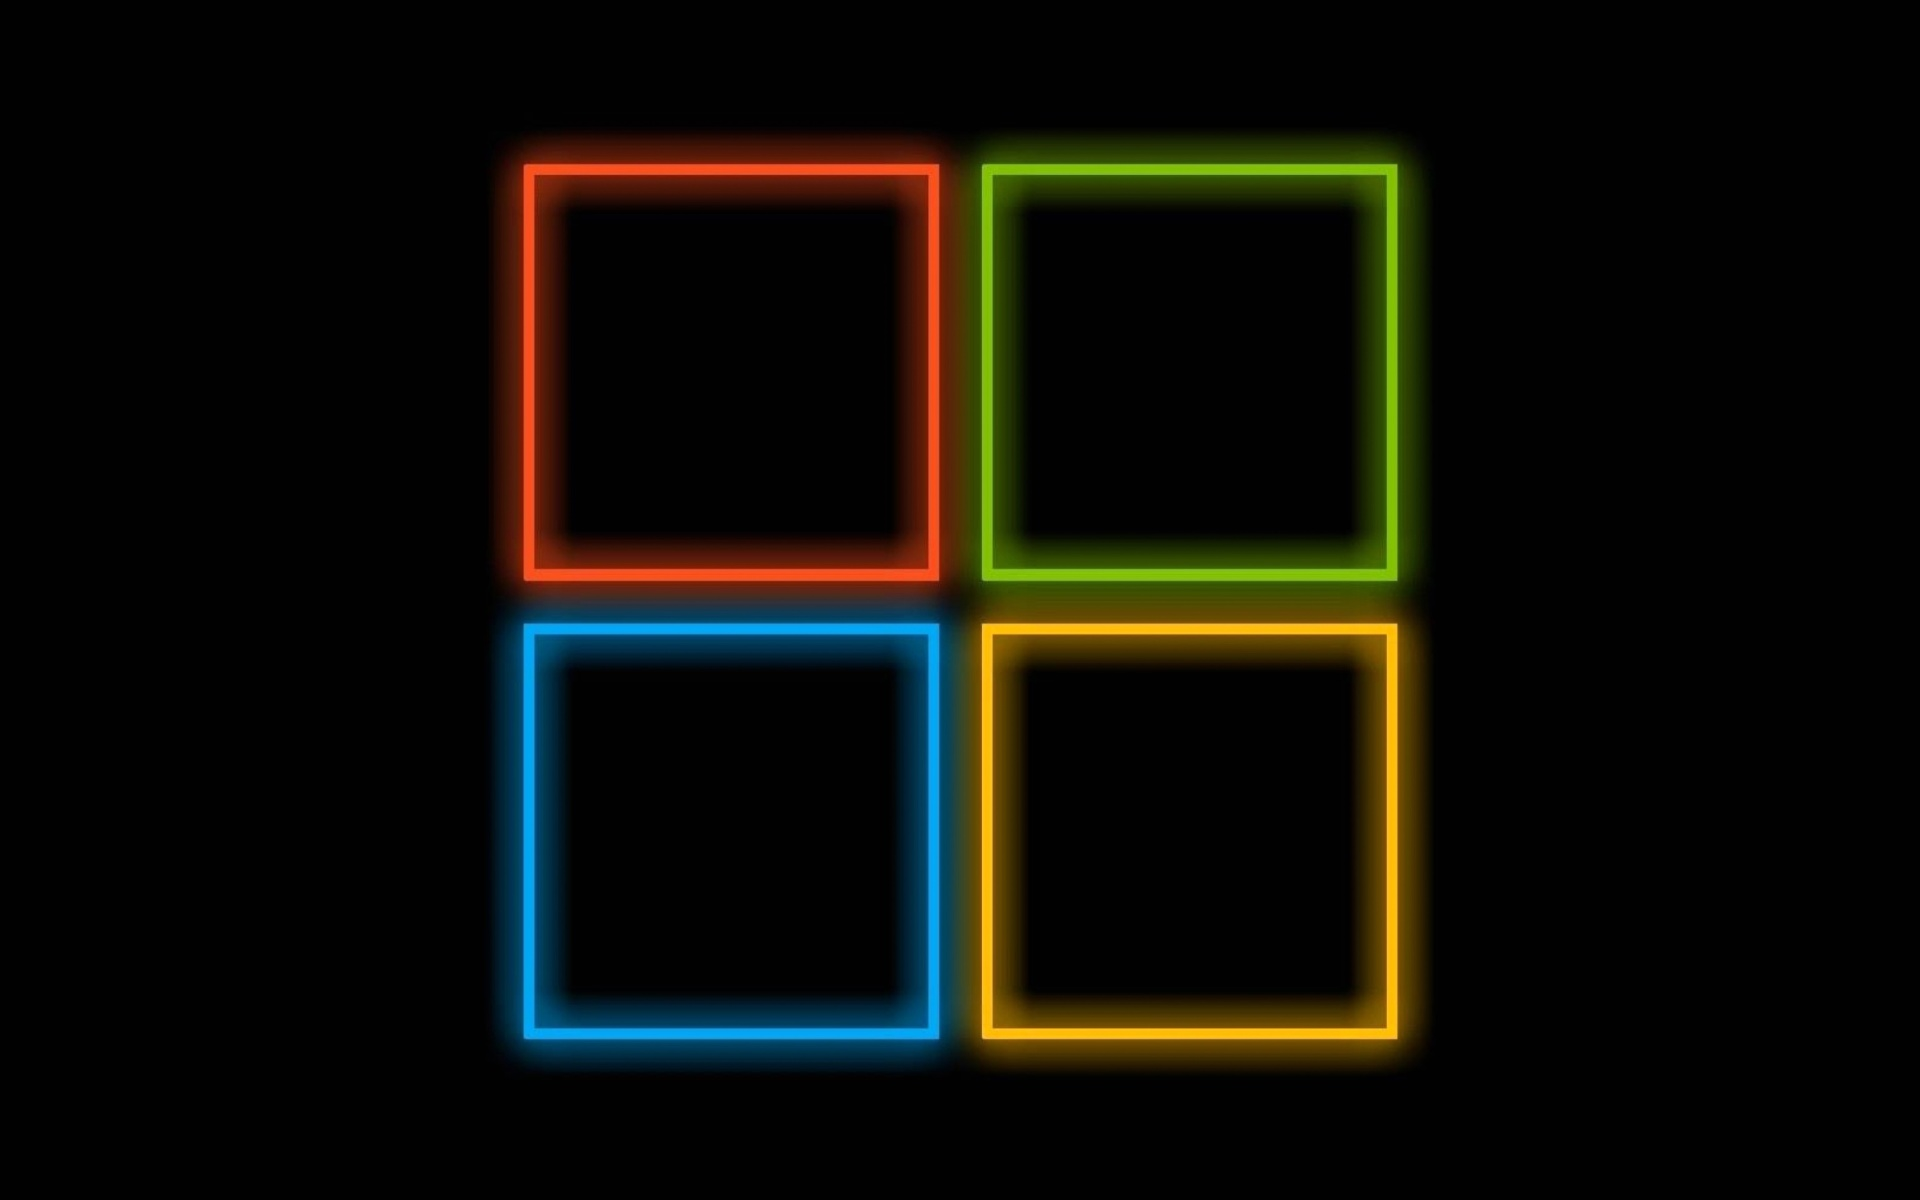 Os Windows 10 Neon Fondos De Pantalla Gratis Para Widescreen Escritorio Pc 1920x1080 Full Hd